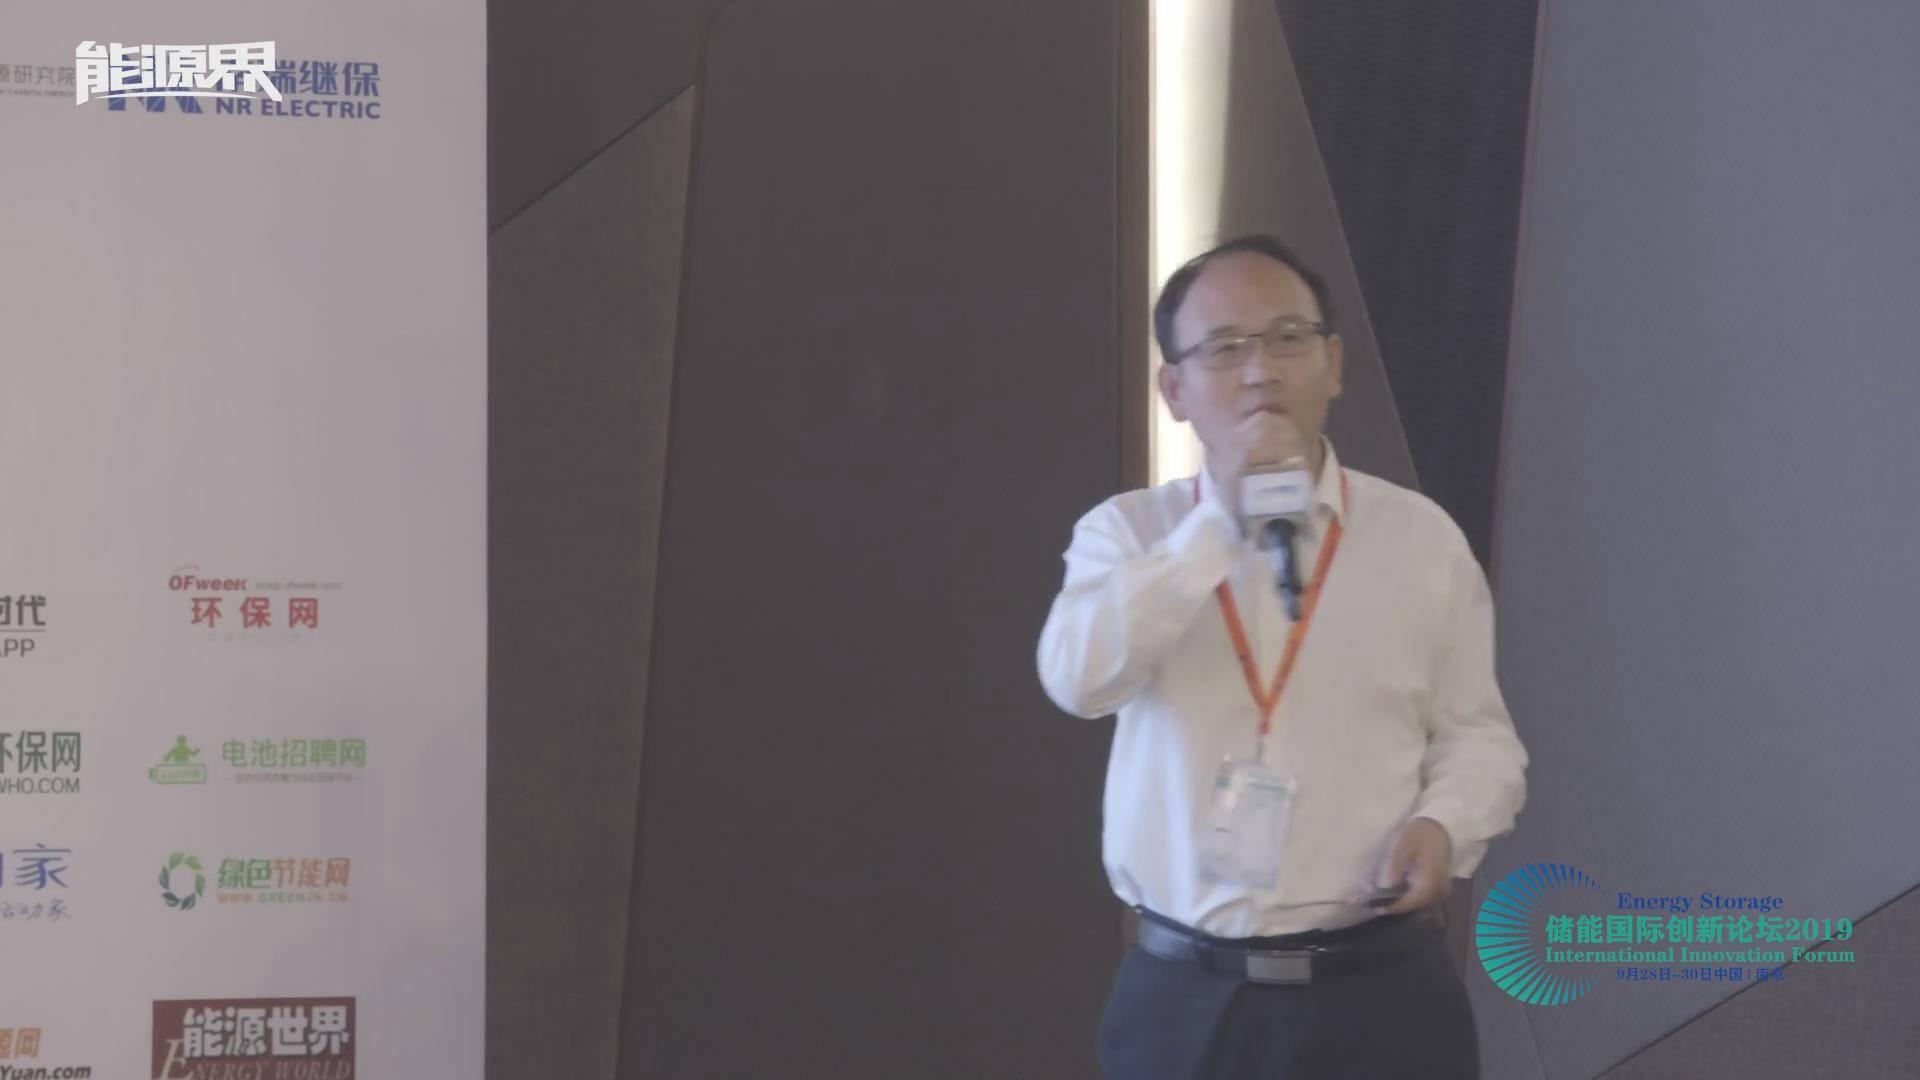 張建興:電力物聯網儲能系統的創新與探索